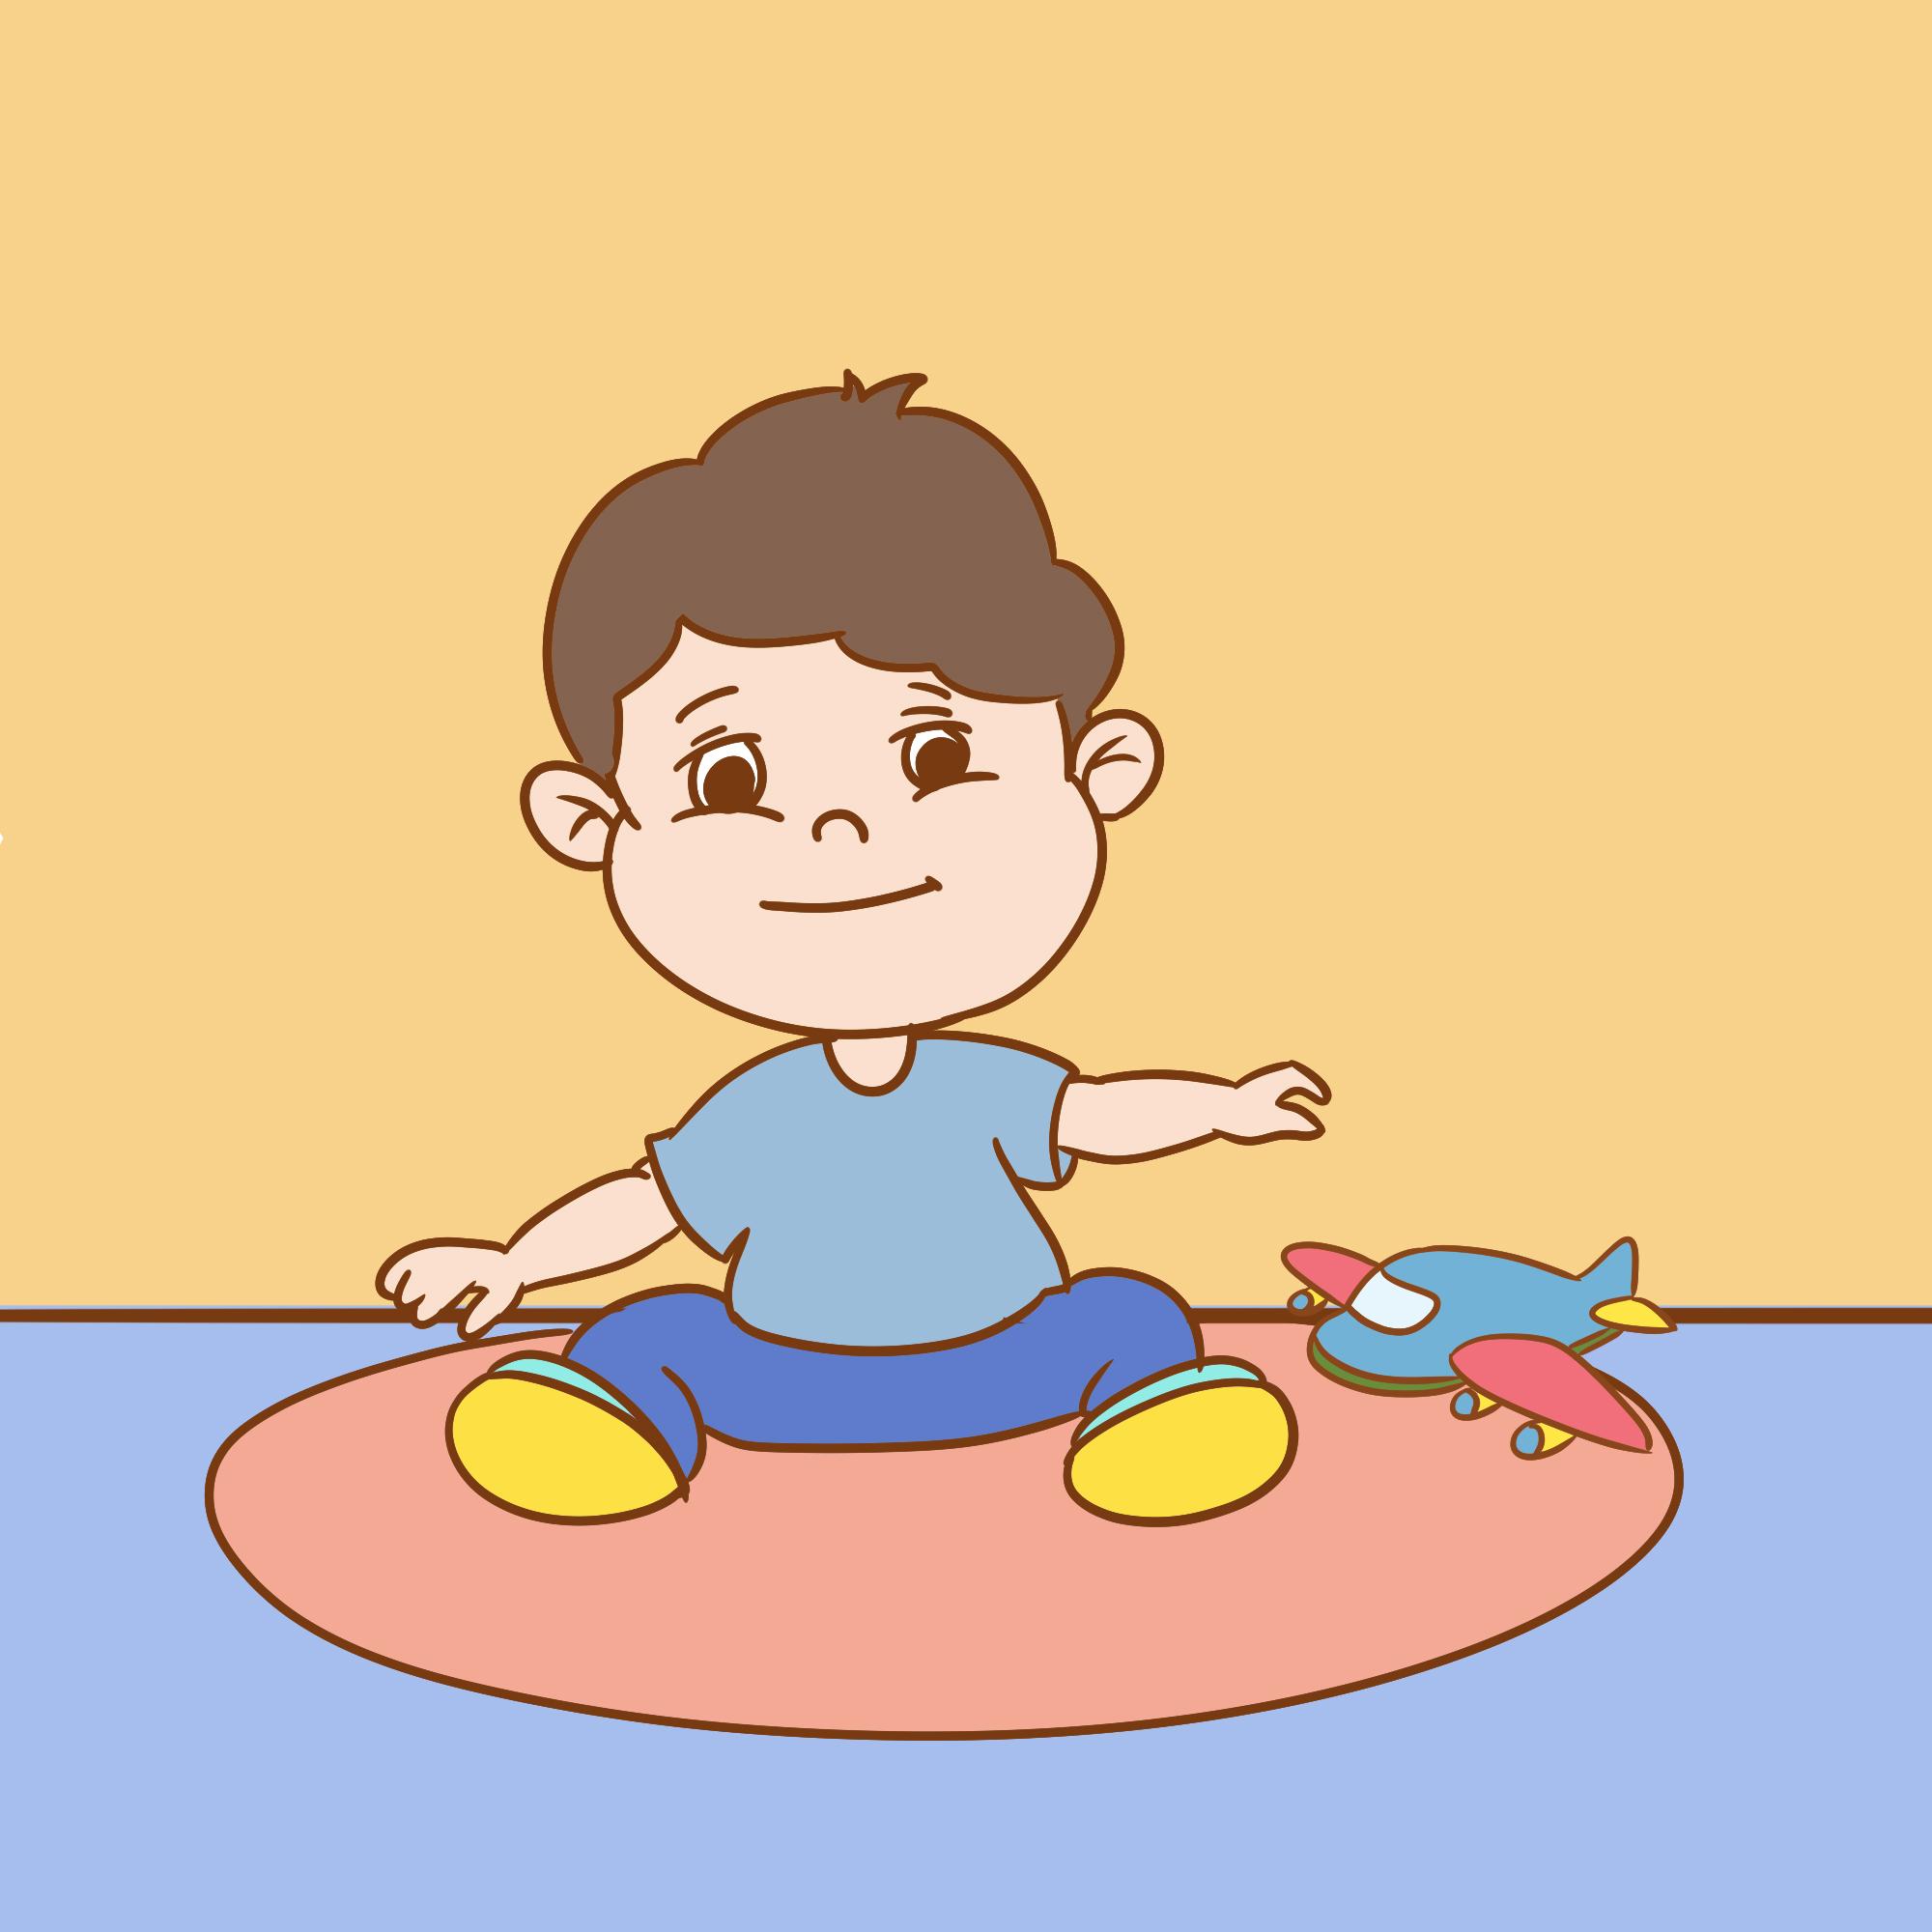 薏芽健脾凝胶适合多大宝宝?疗效好不好?